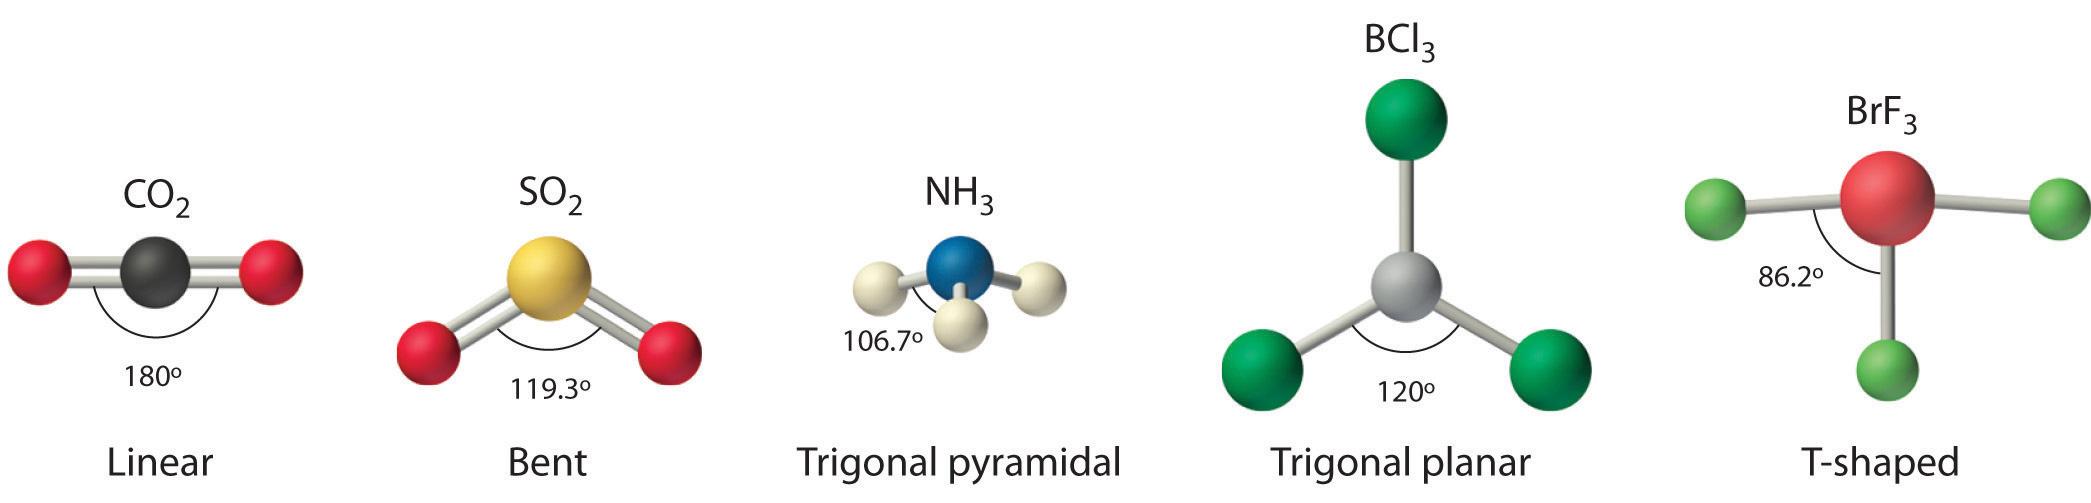 Linear Molecule Examples